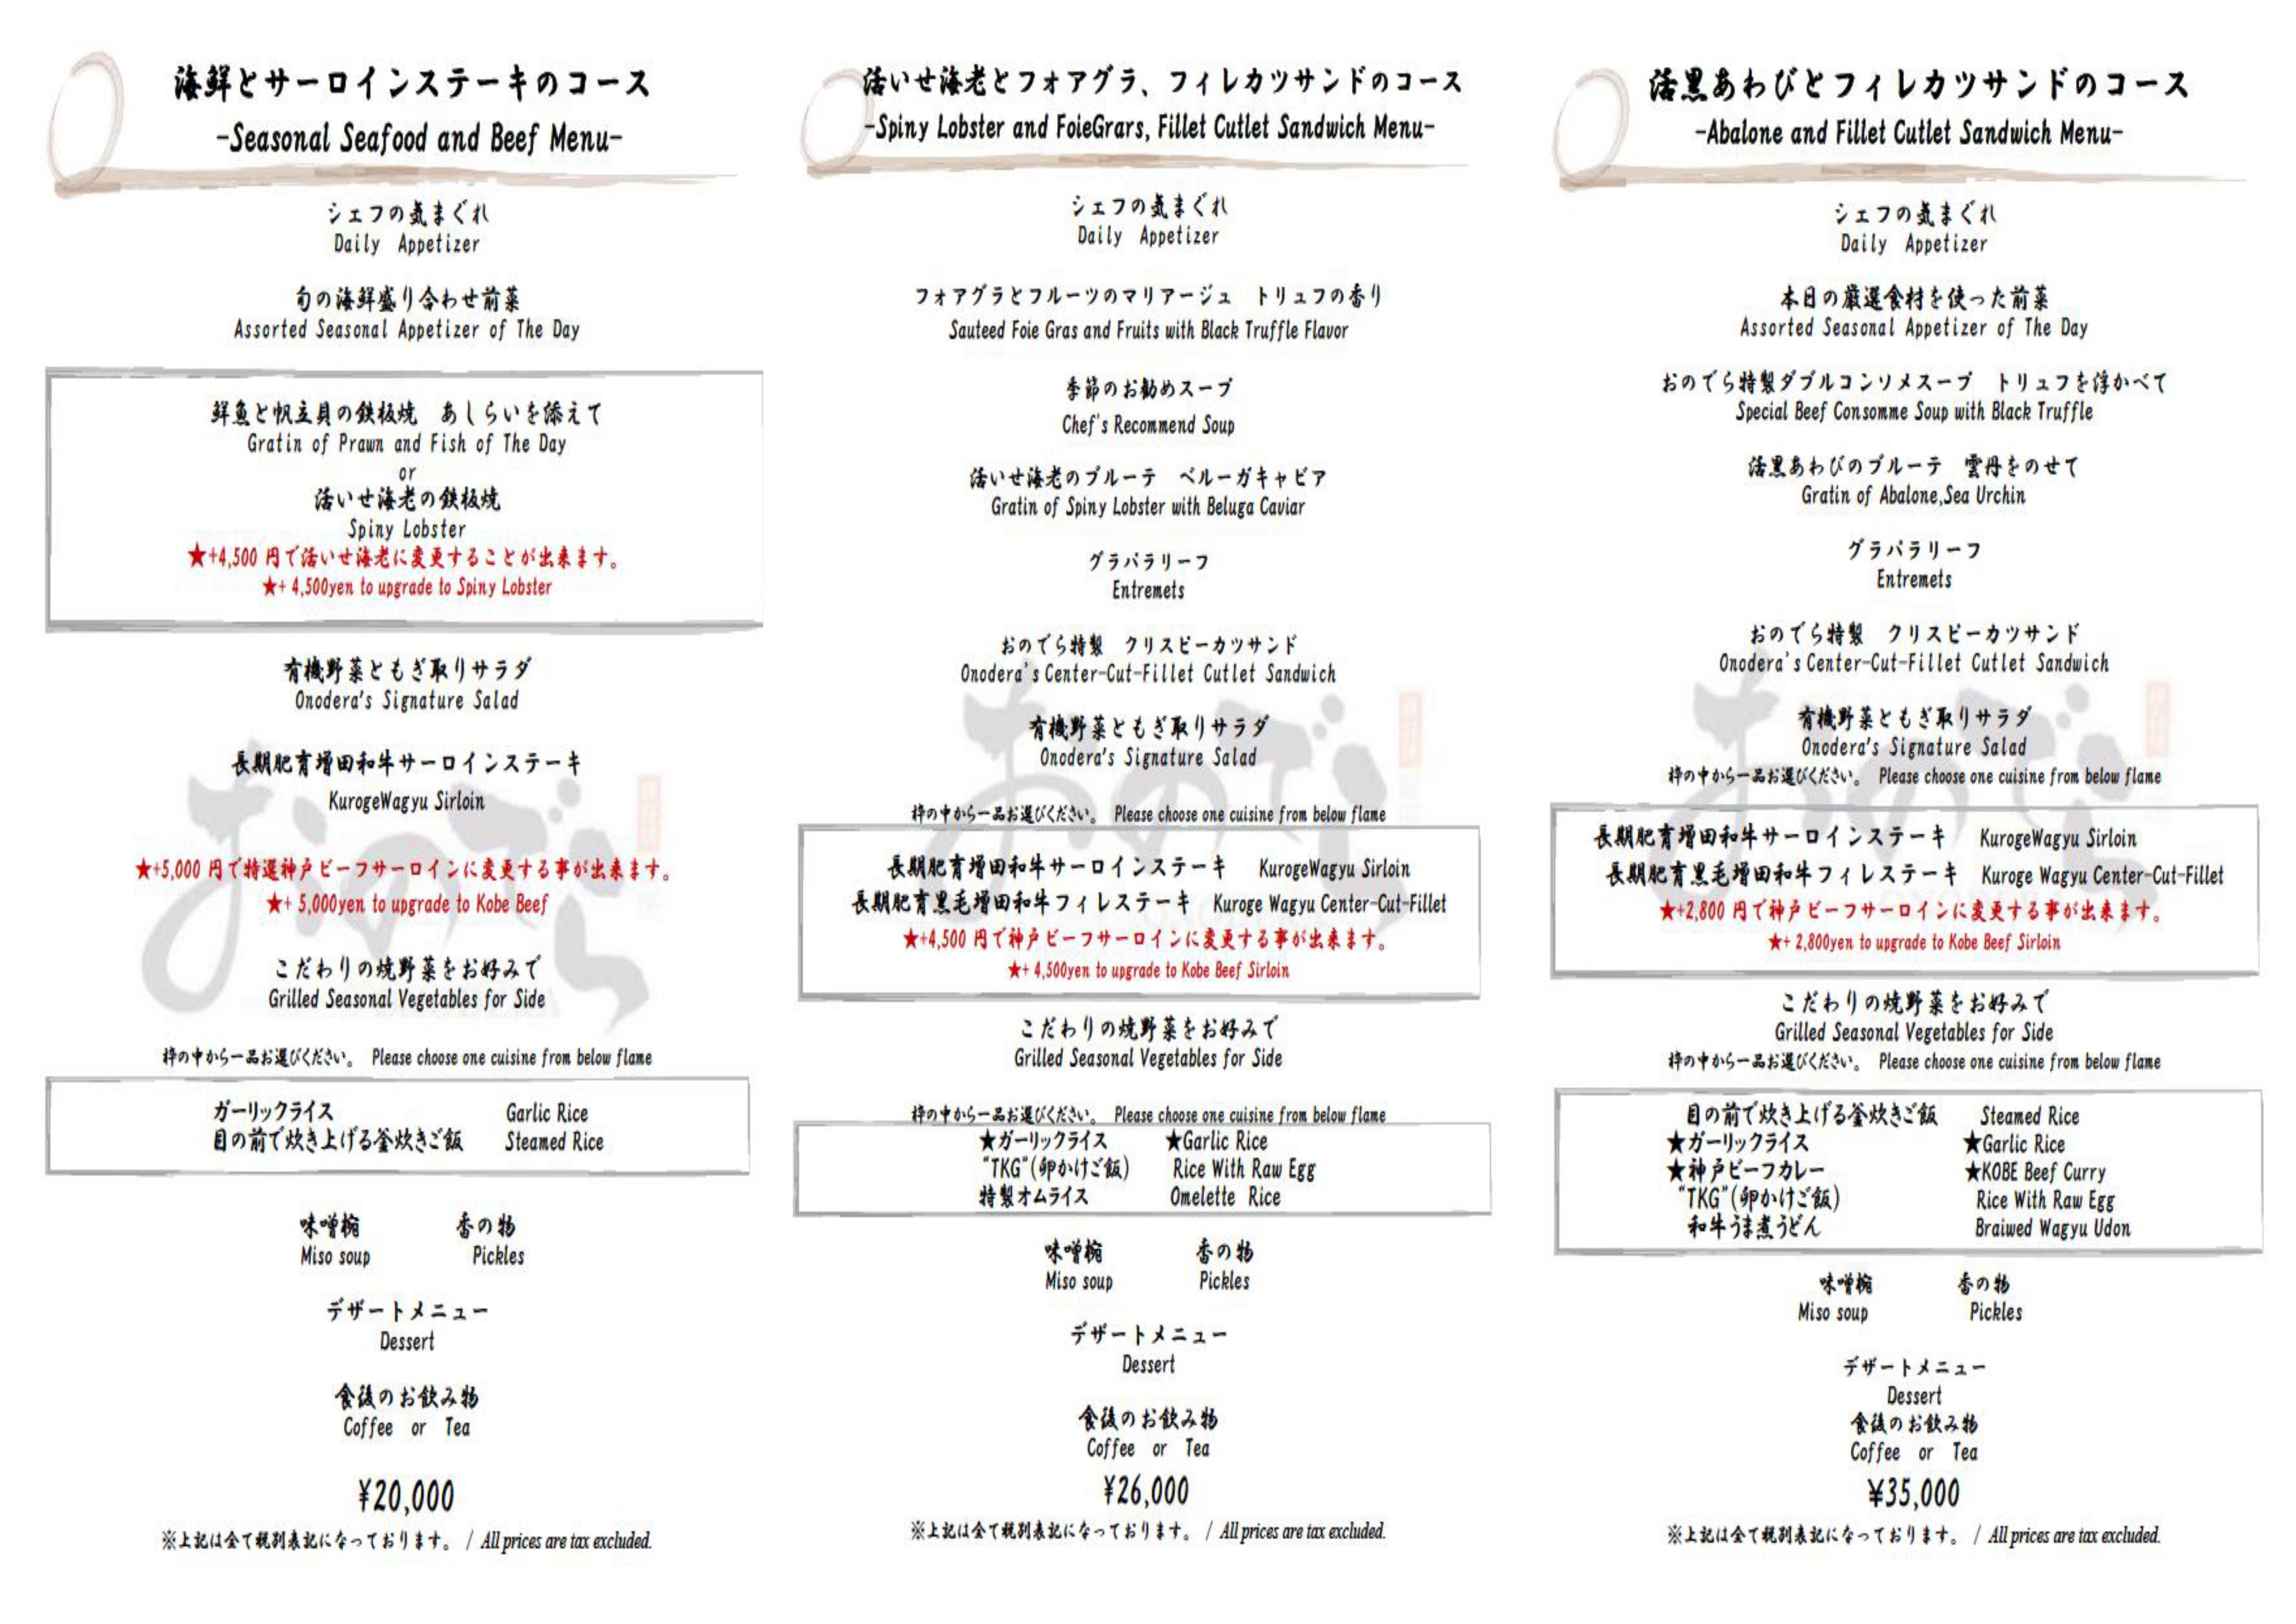 鉄板焼 [銀座店] ディナーメニュー4